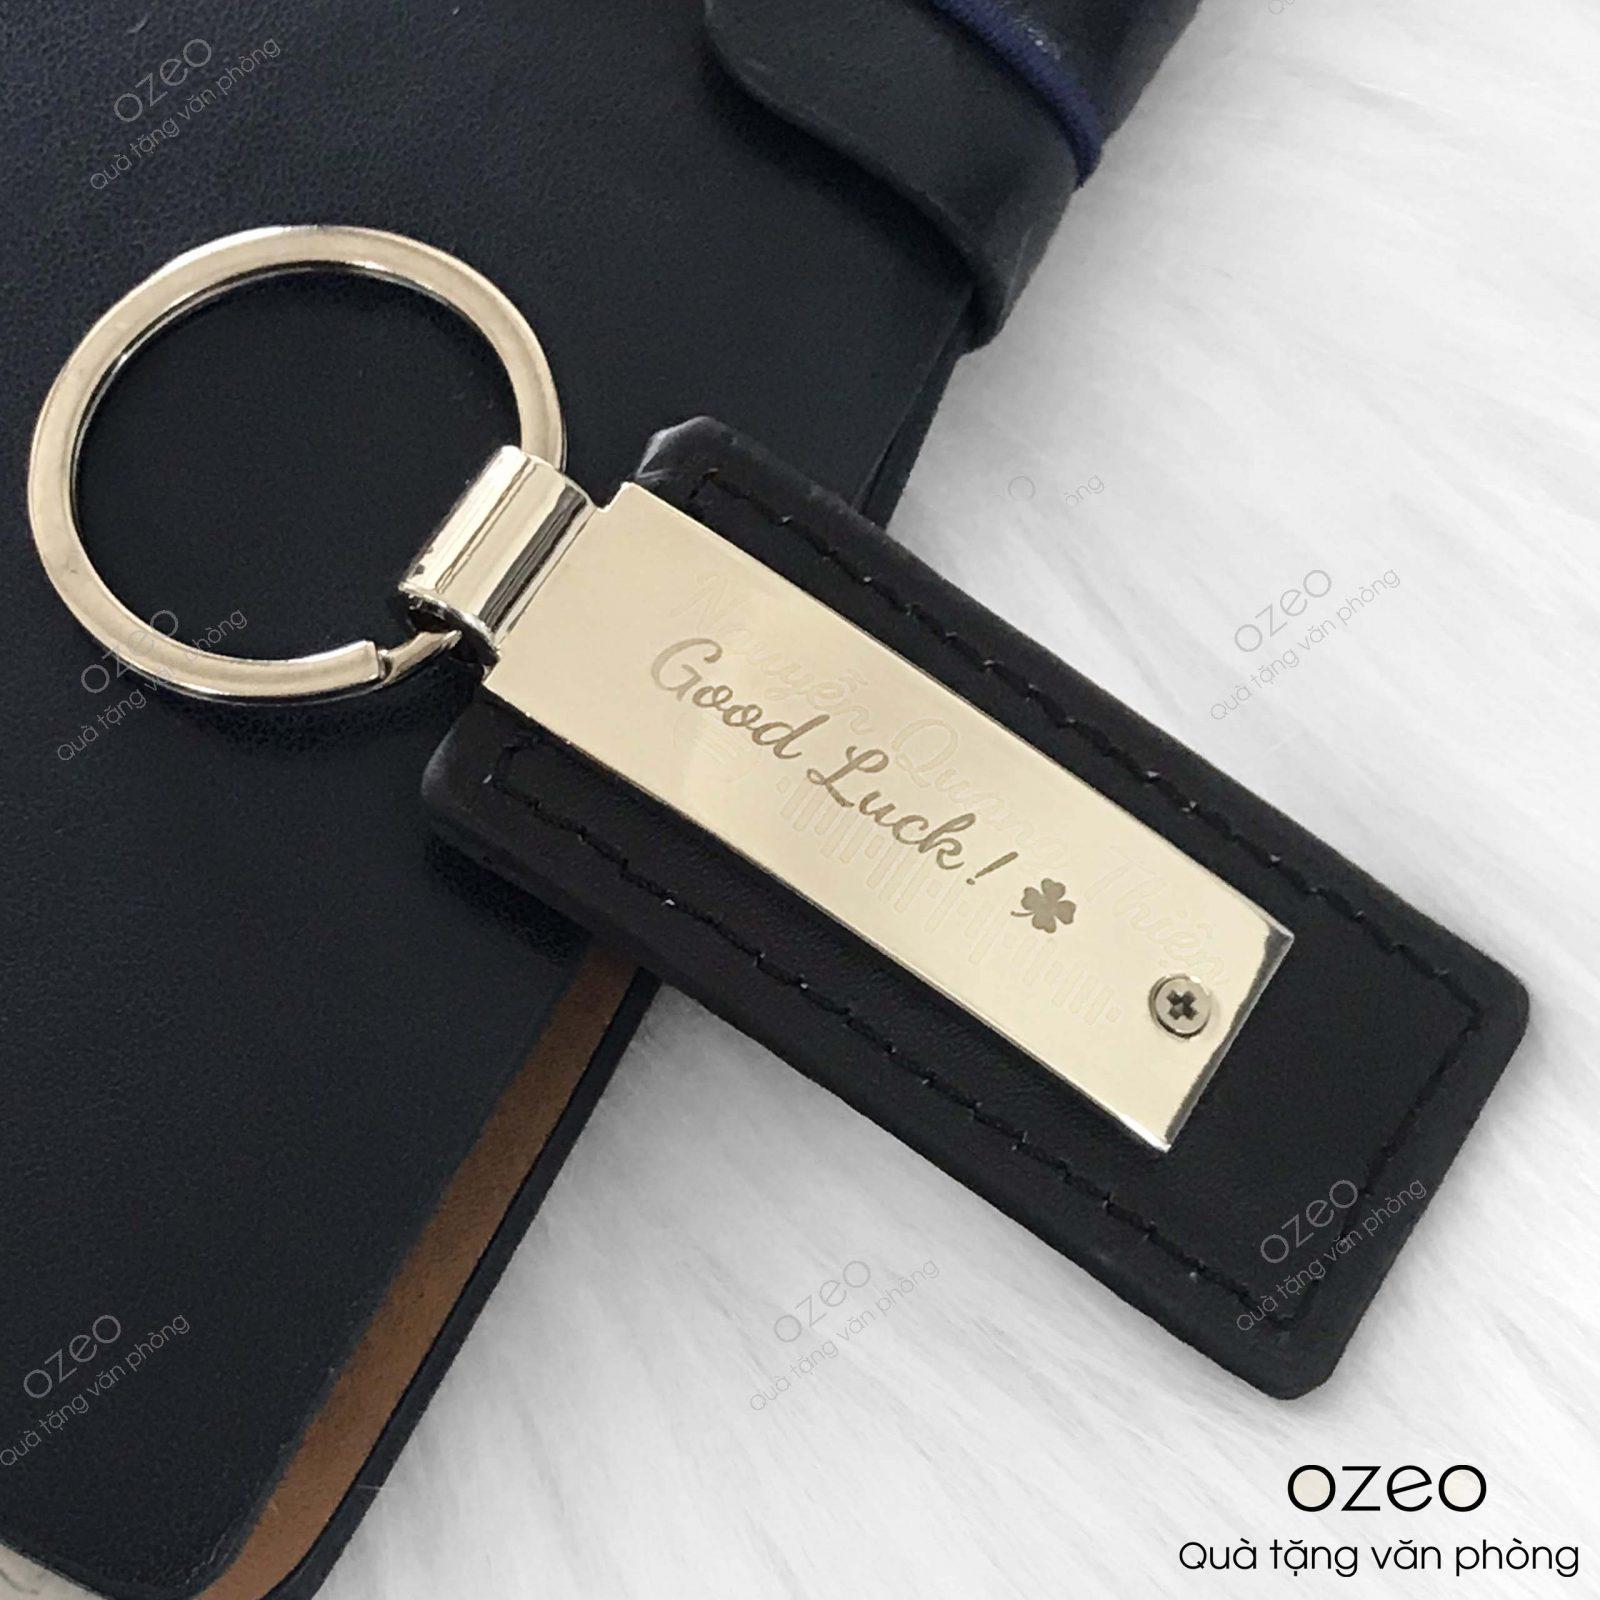 Móc khóa kim loại MK004 khắc chữ và họa tiết theo yêu cầu khách hàng.